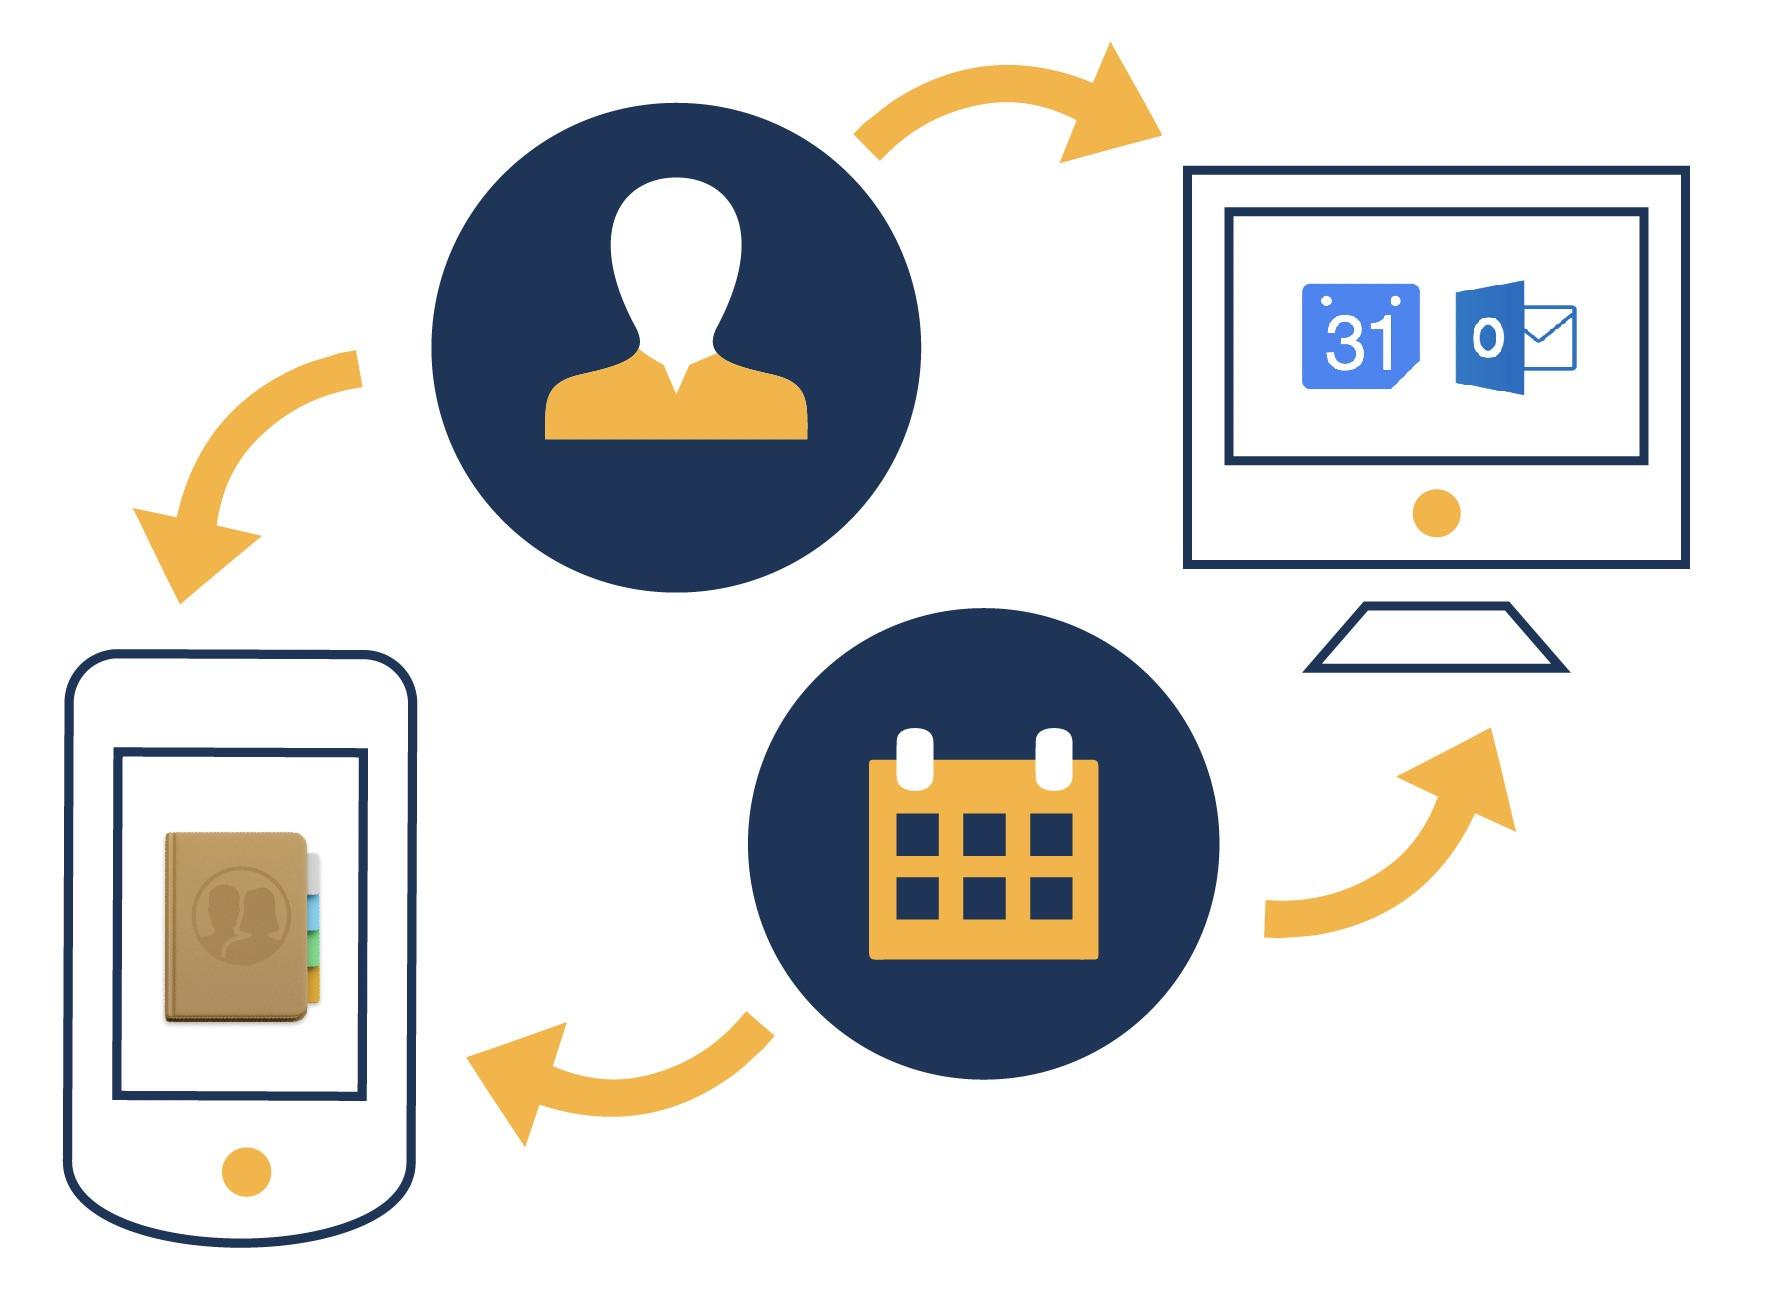 Portal voor vereniging en sociëteit - 2. Eenvoudig contact maken